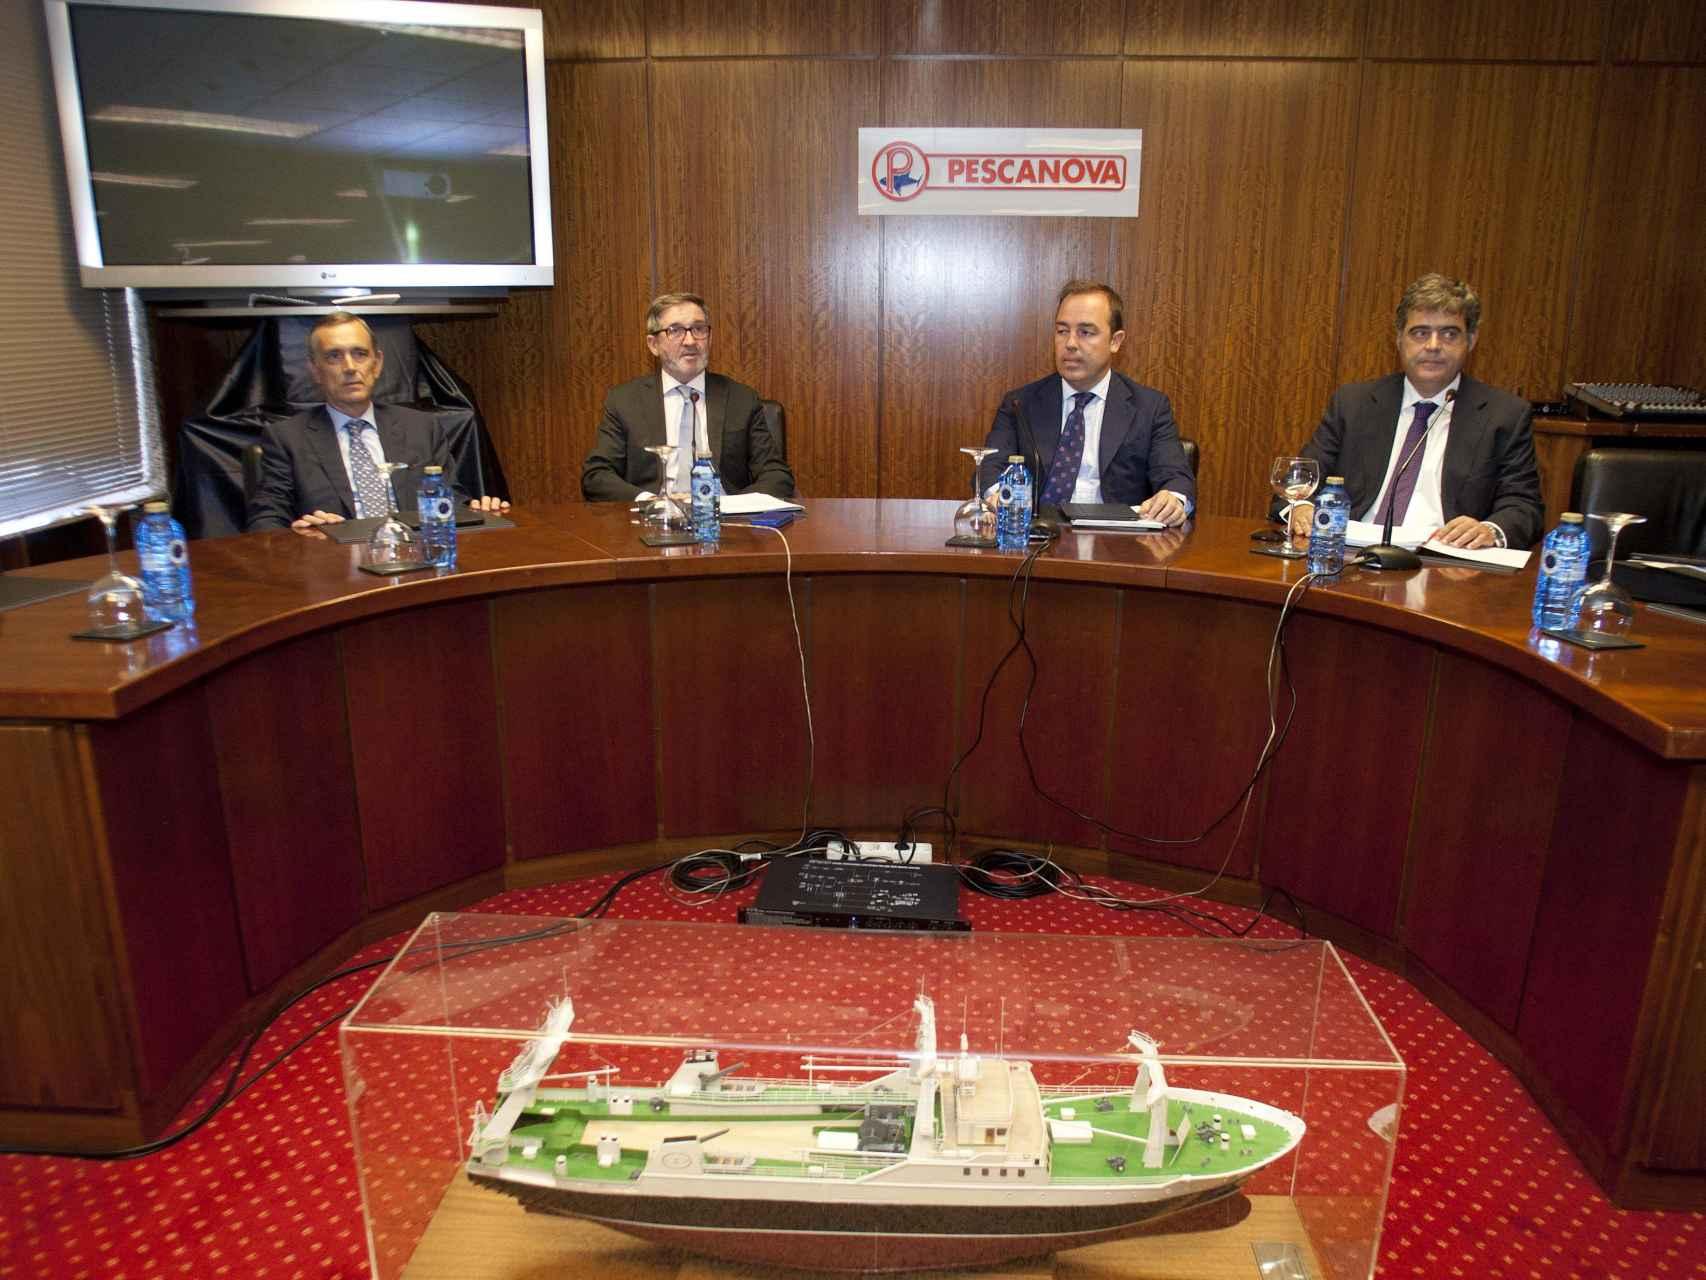 Consejeros de Pescanova durante la junta de accionistas